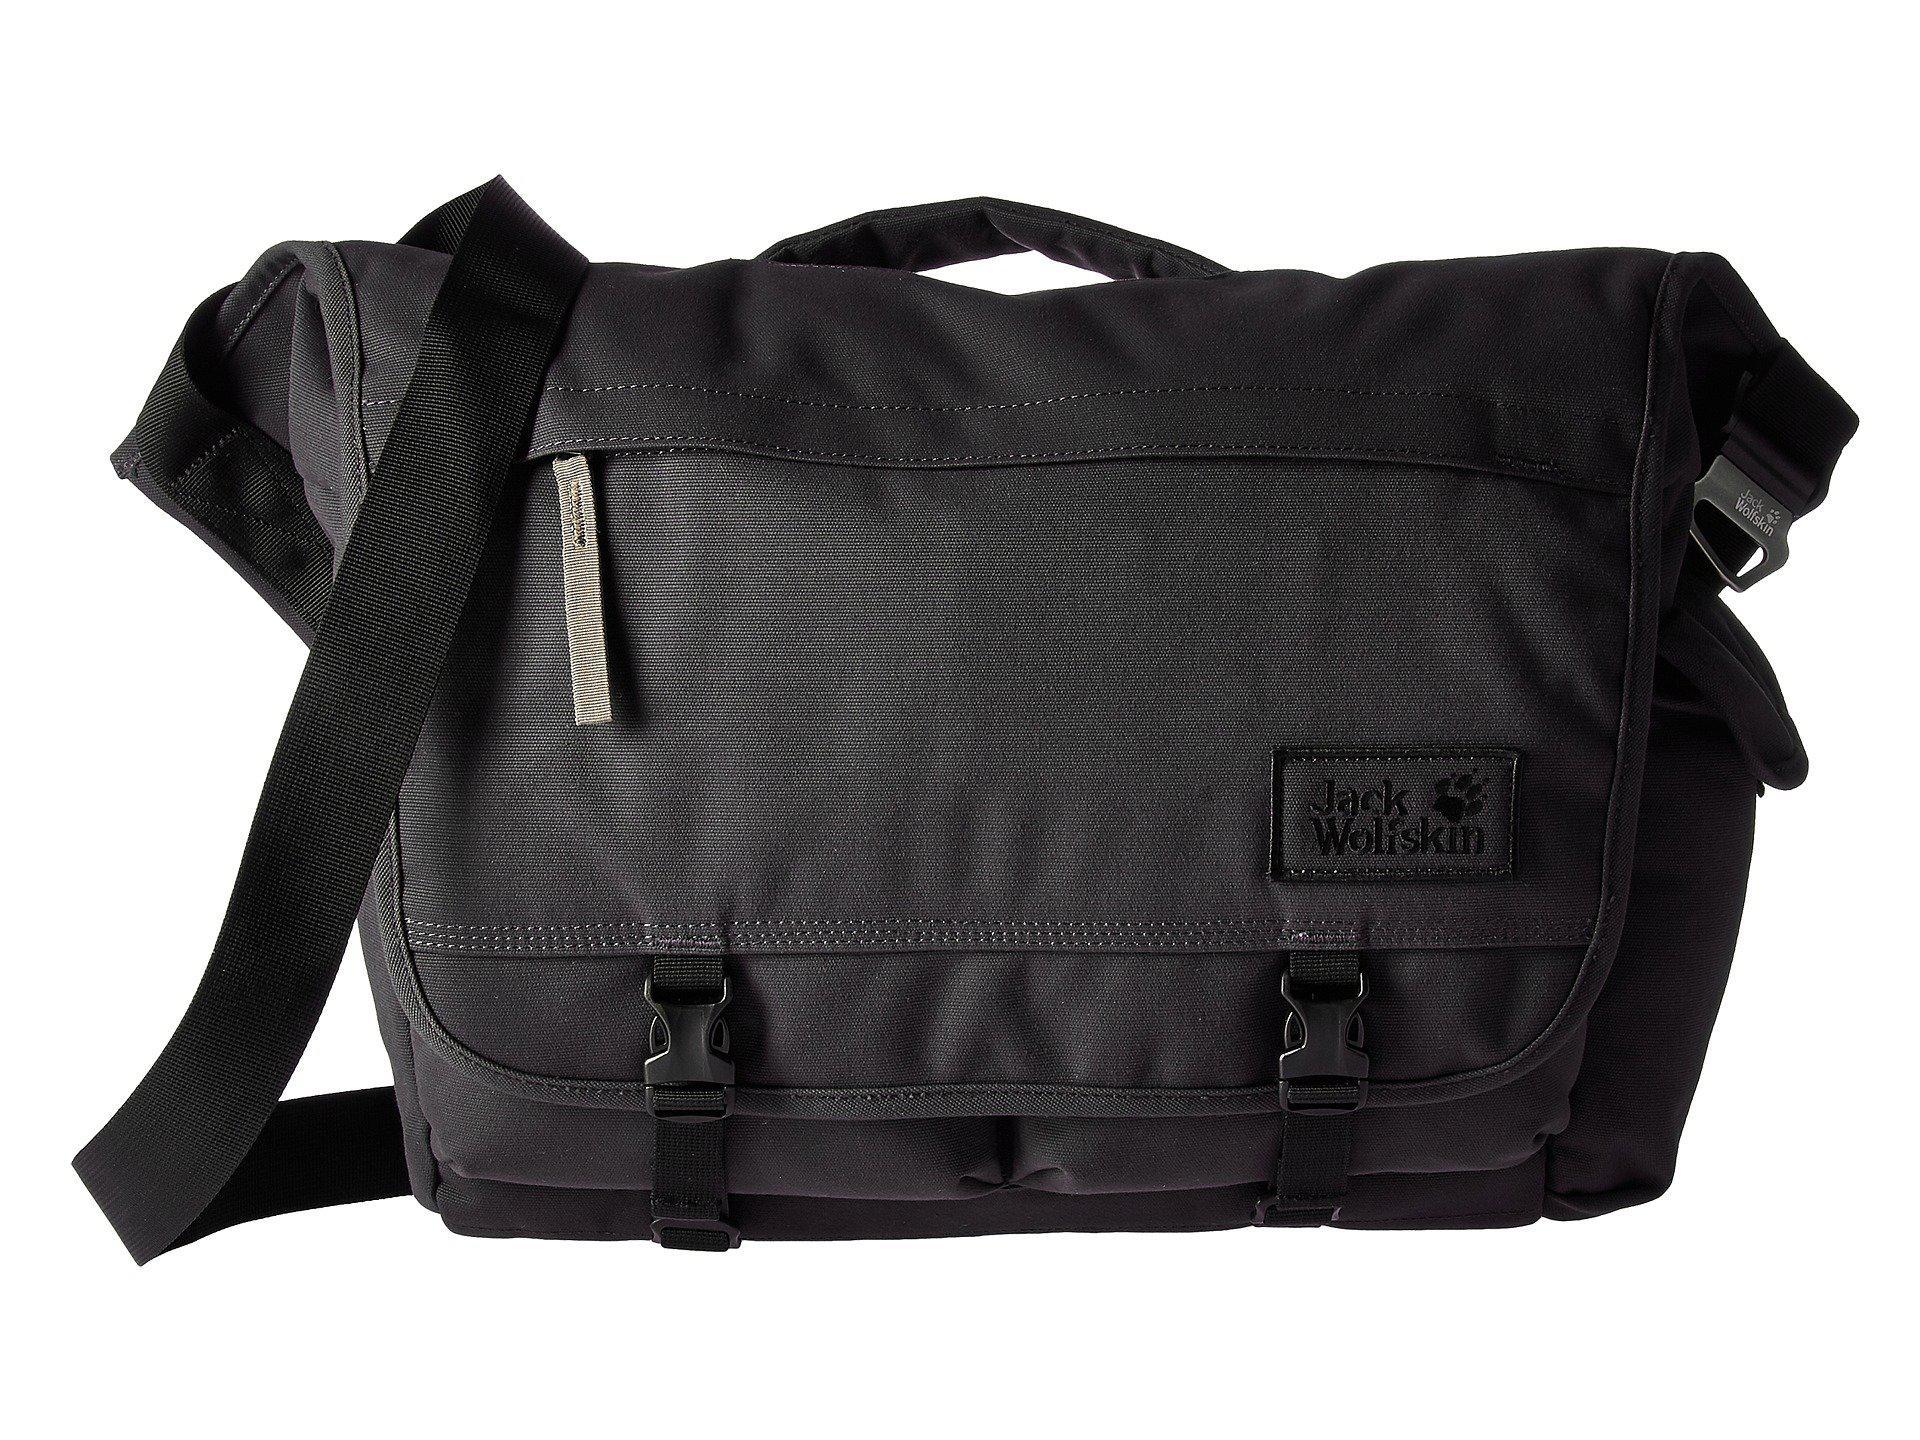 9a2450b24c8 Jack Wolfskin Sky Pilot 15 Bag (phantom) Bags in Black for Men - Lyst